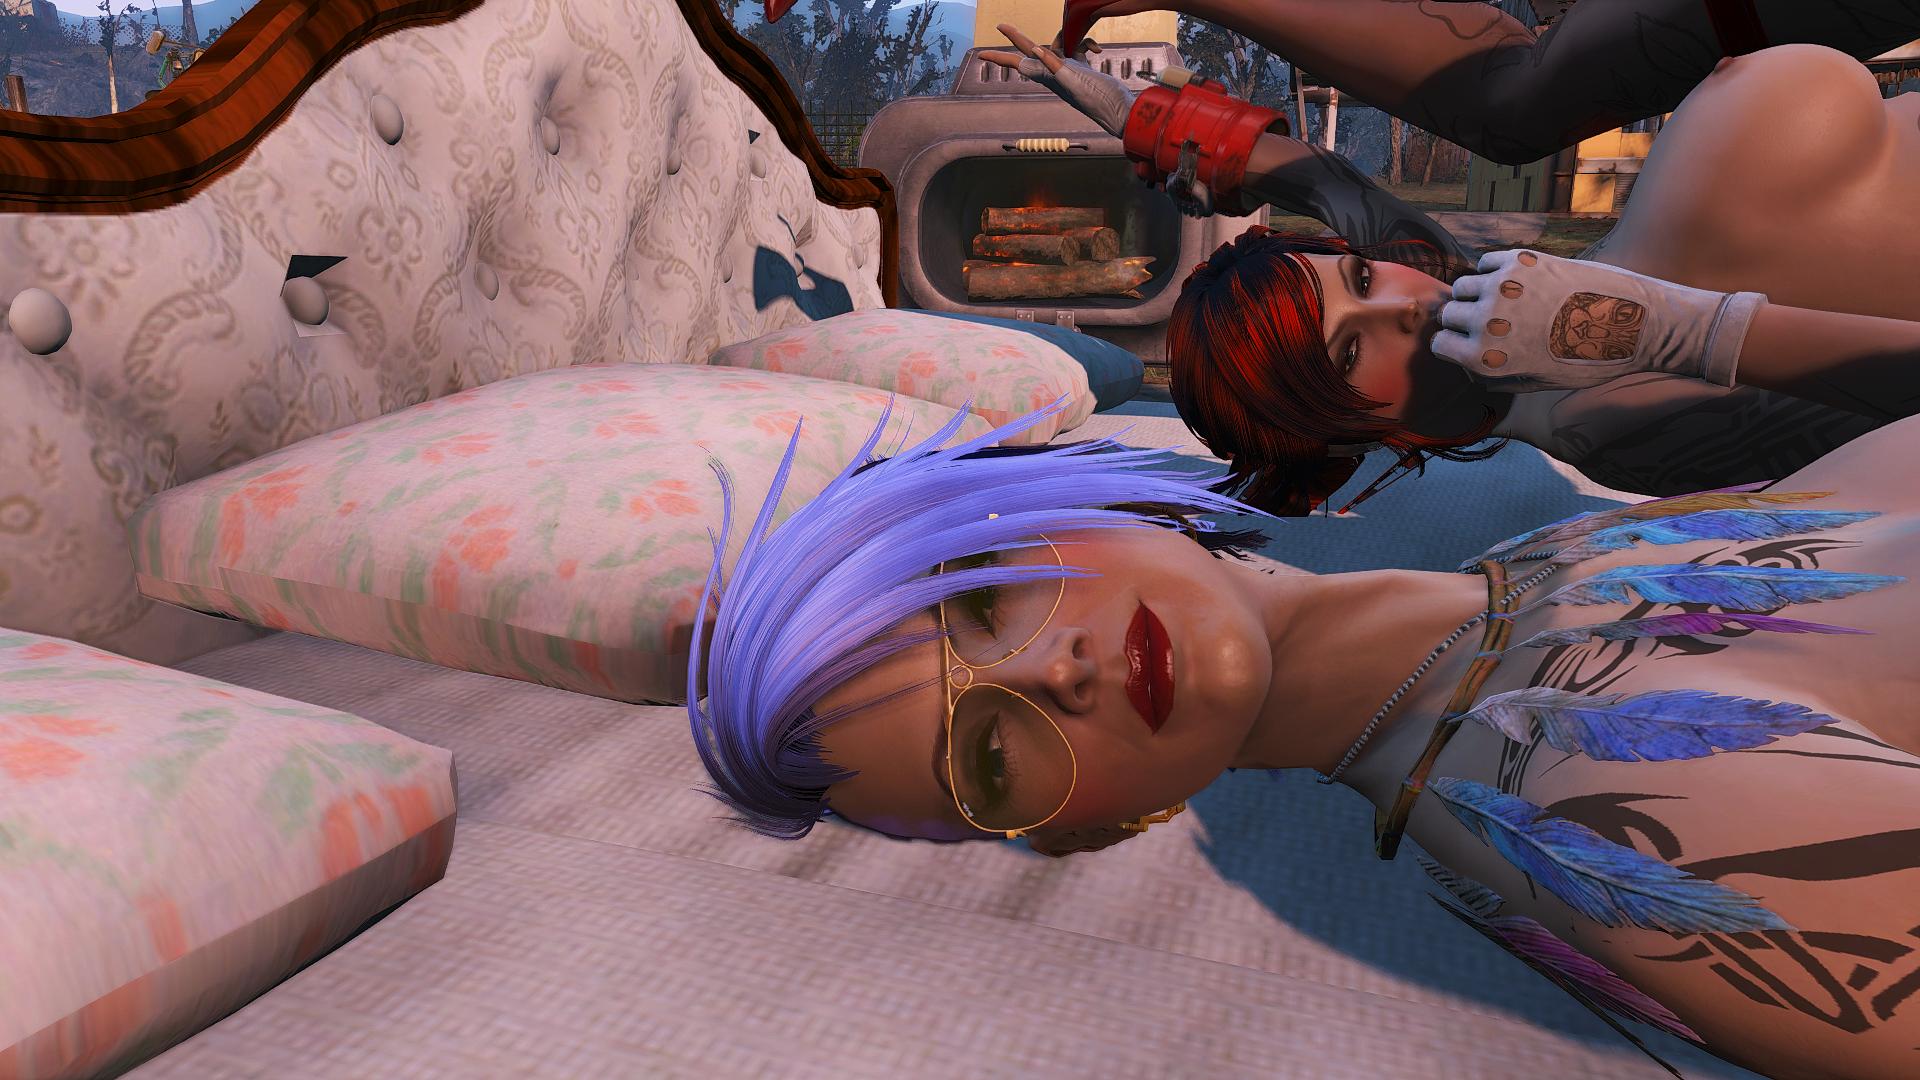 Айви и Алиса позируют в кровати.